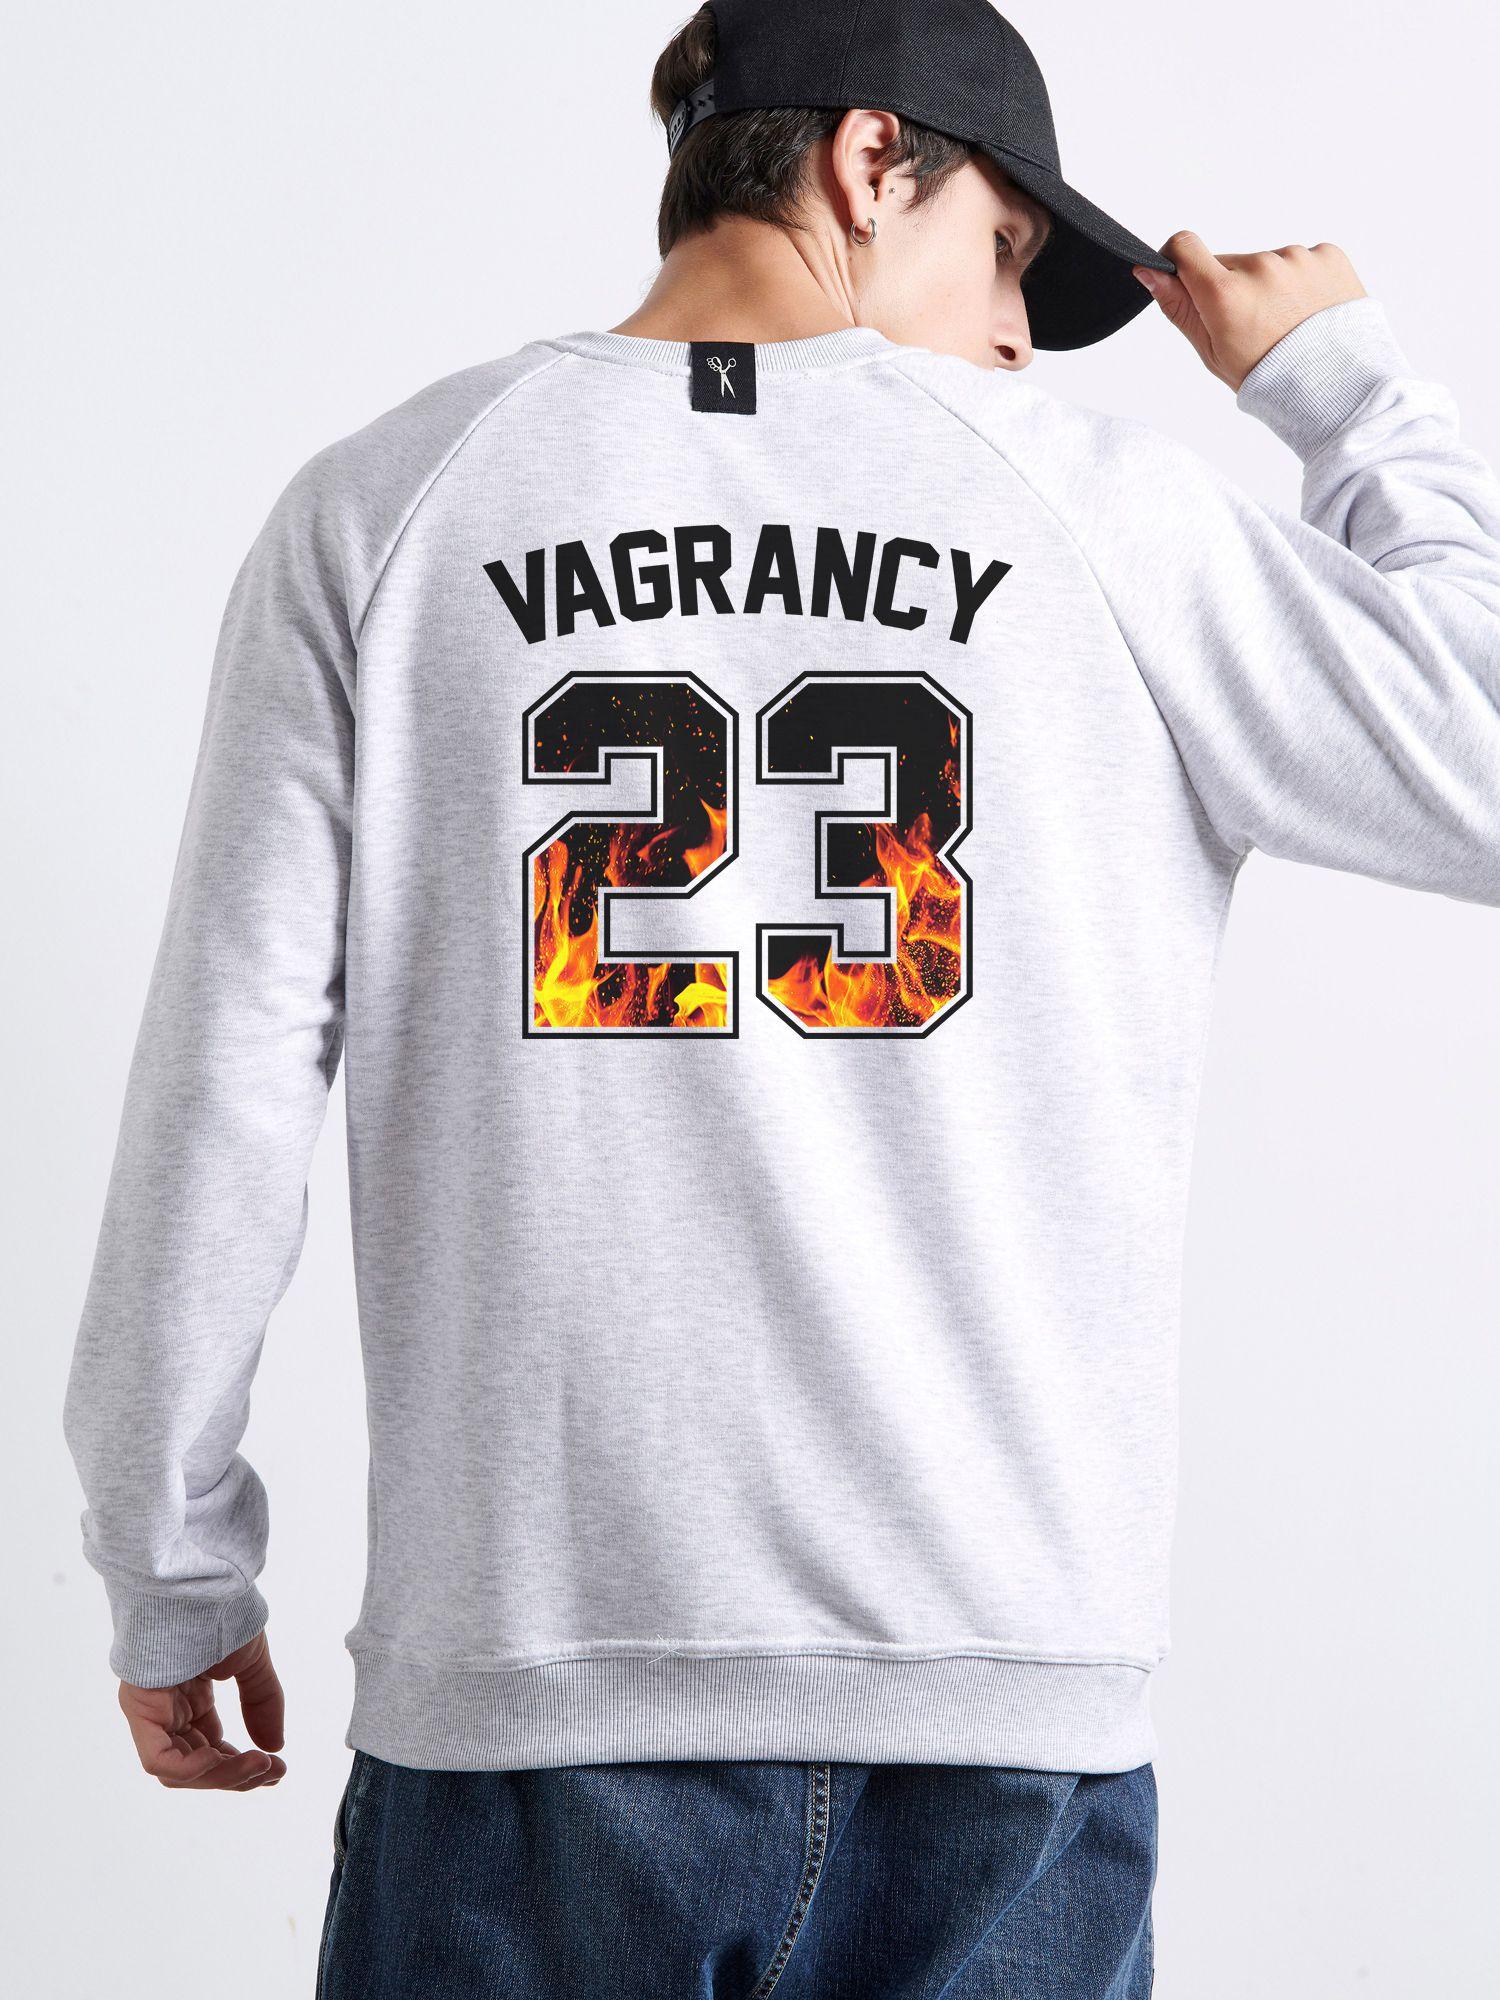 23 Vagrancy Sweater